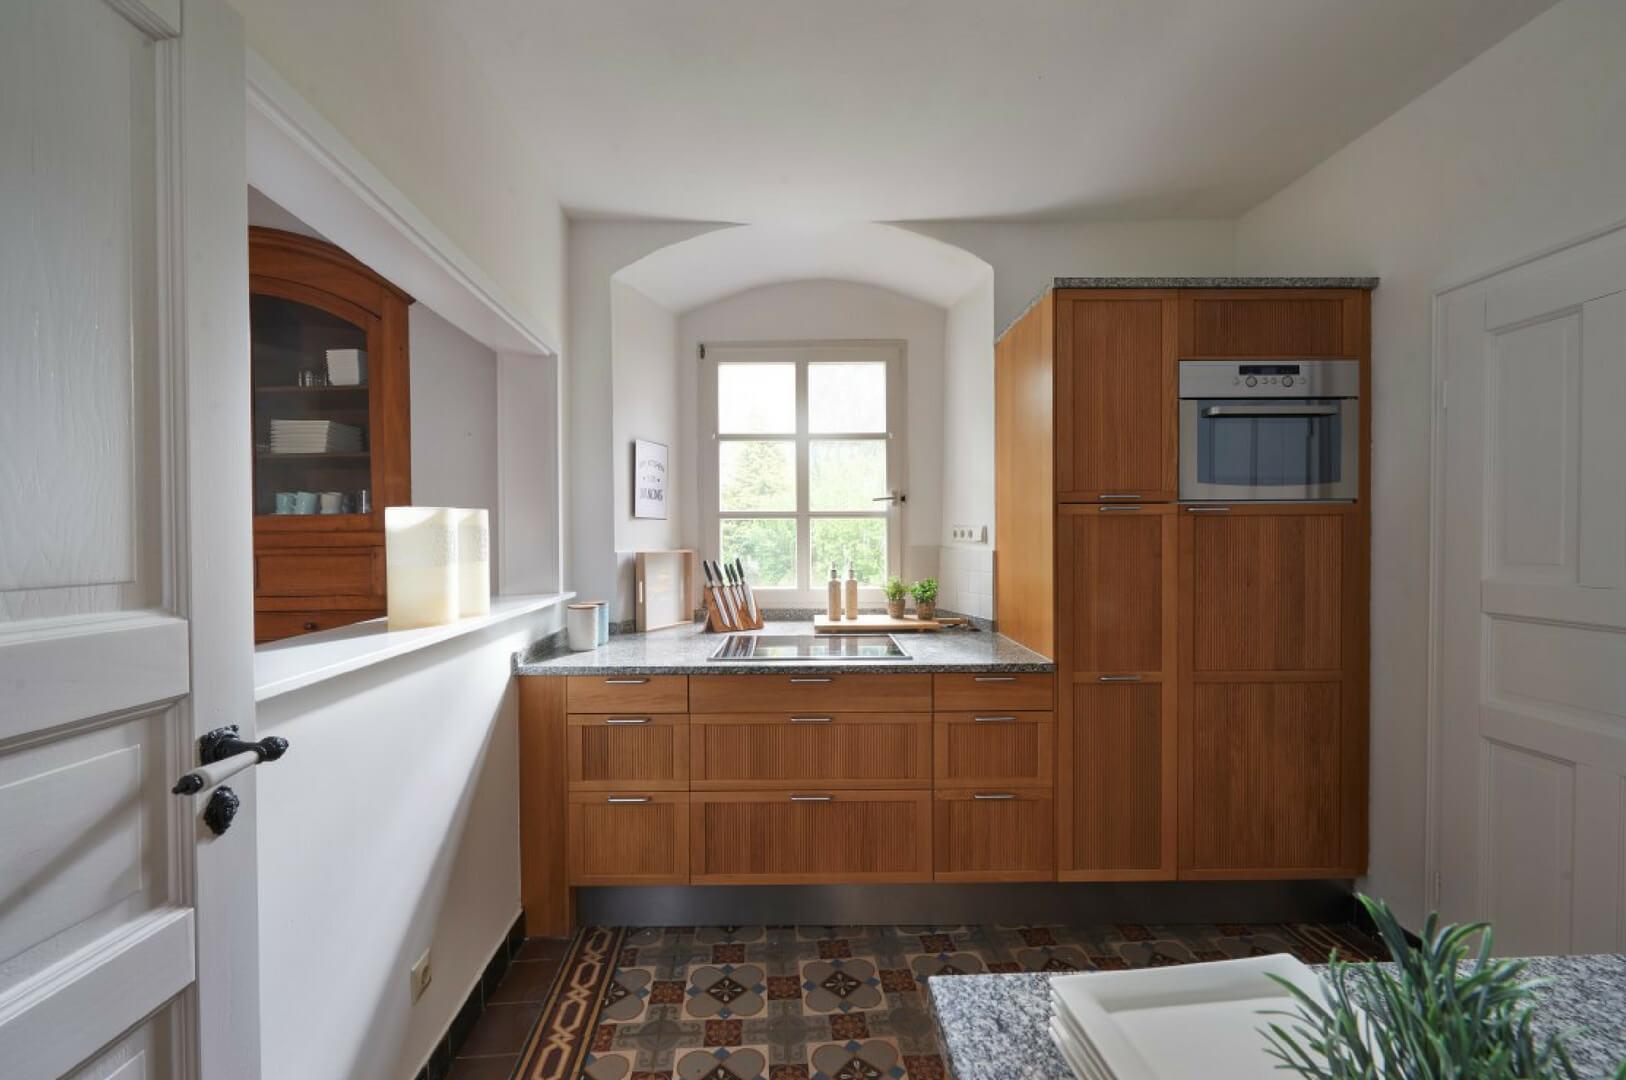 Gele Keuken 9 : Ferienhaus appletree i ein luxuriöses ferienhaus 12 pers an der mosel